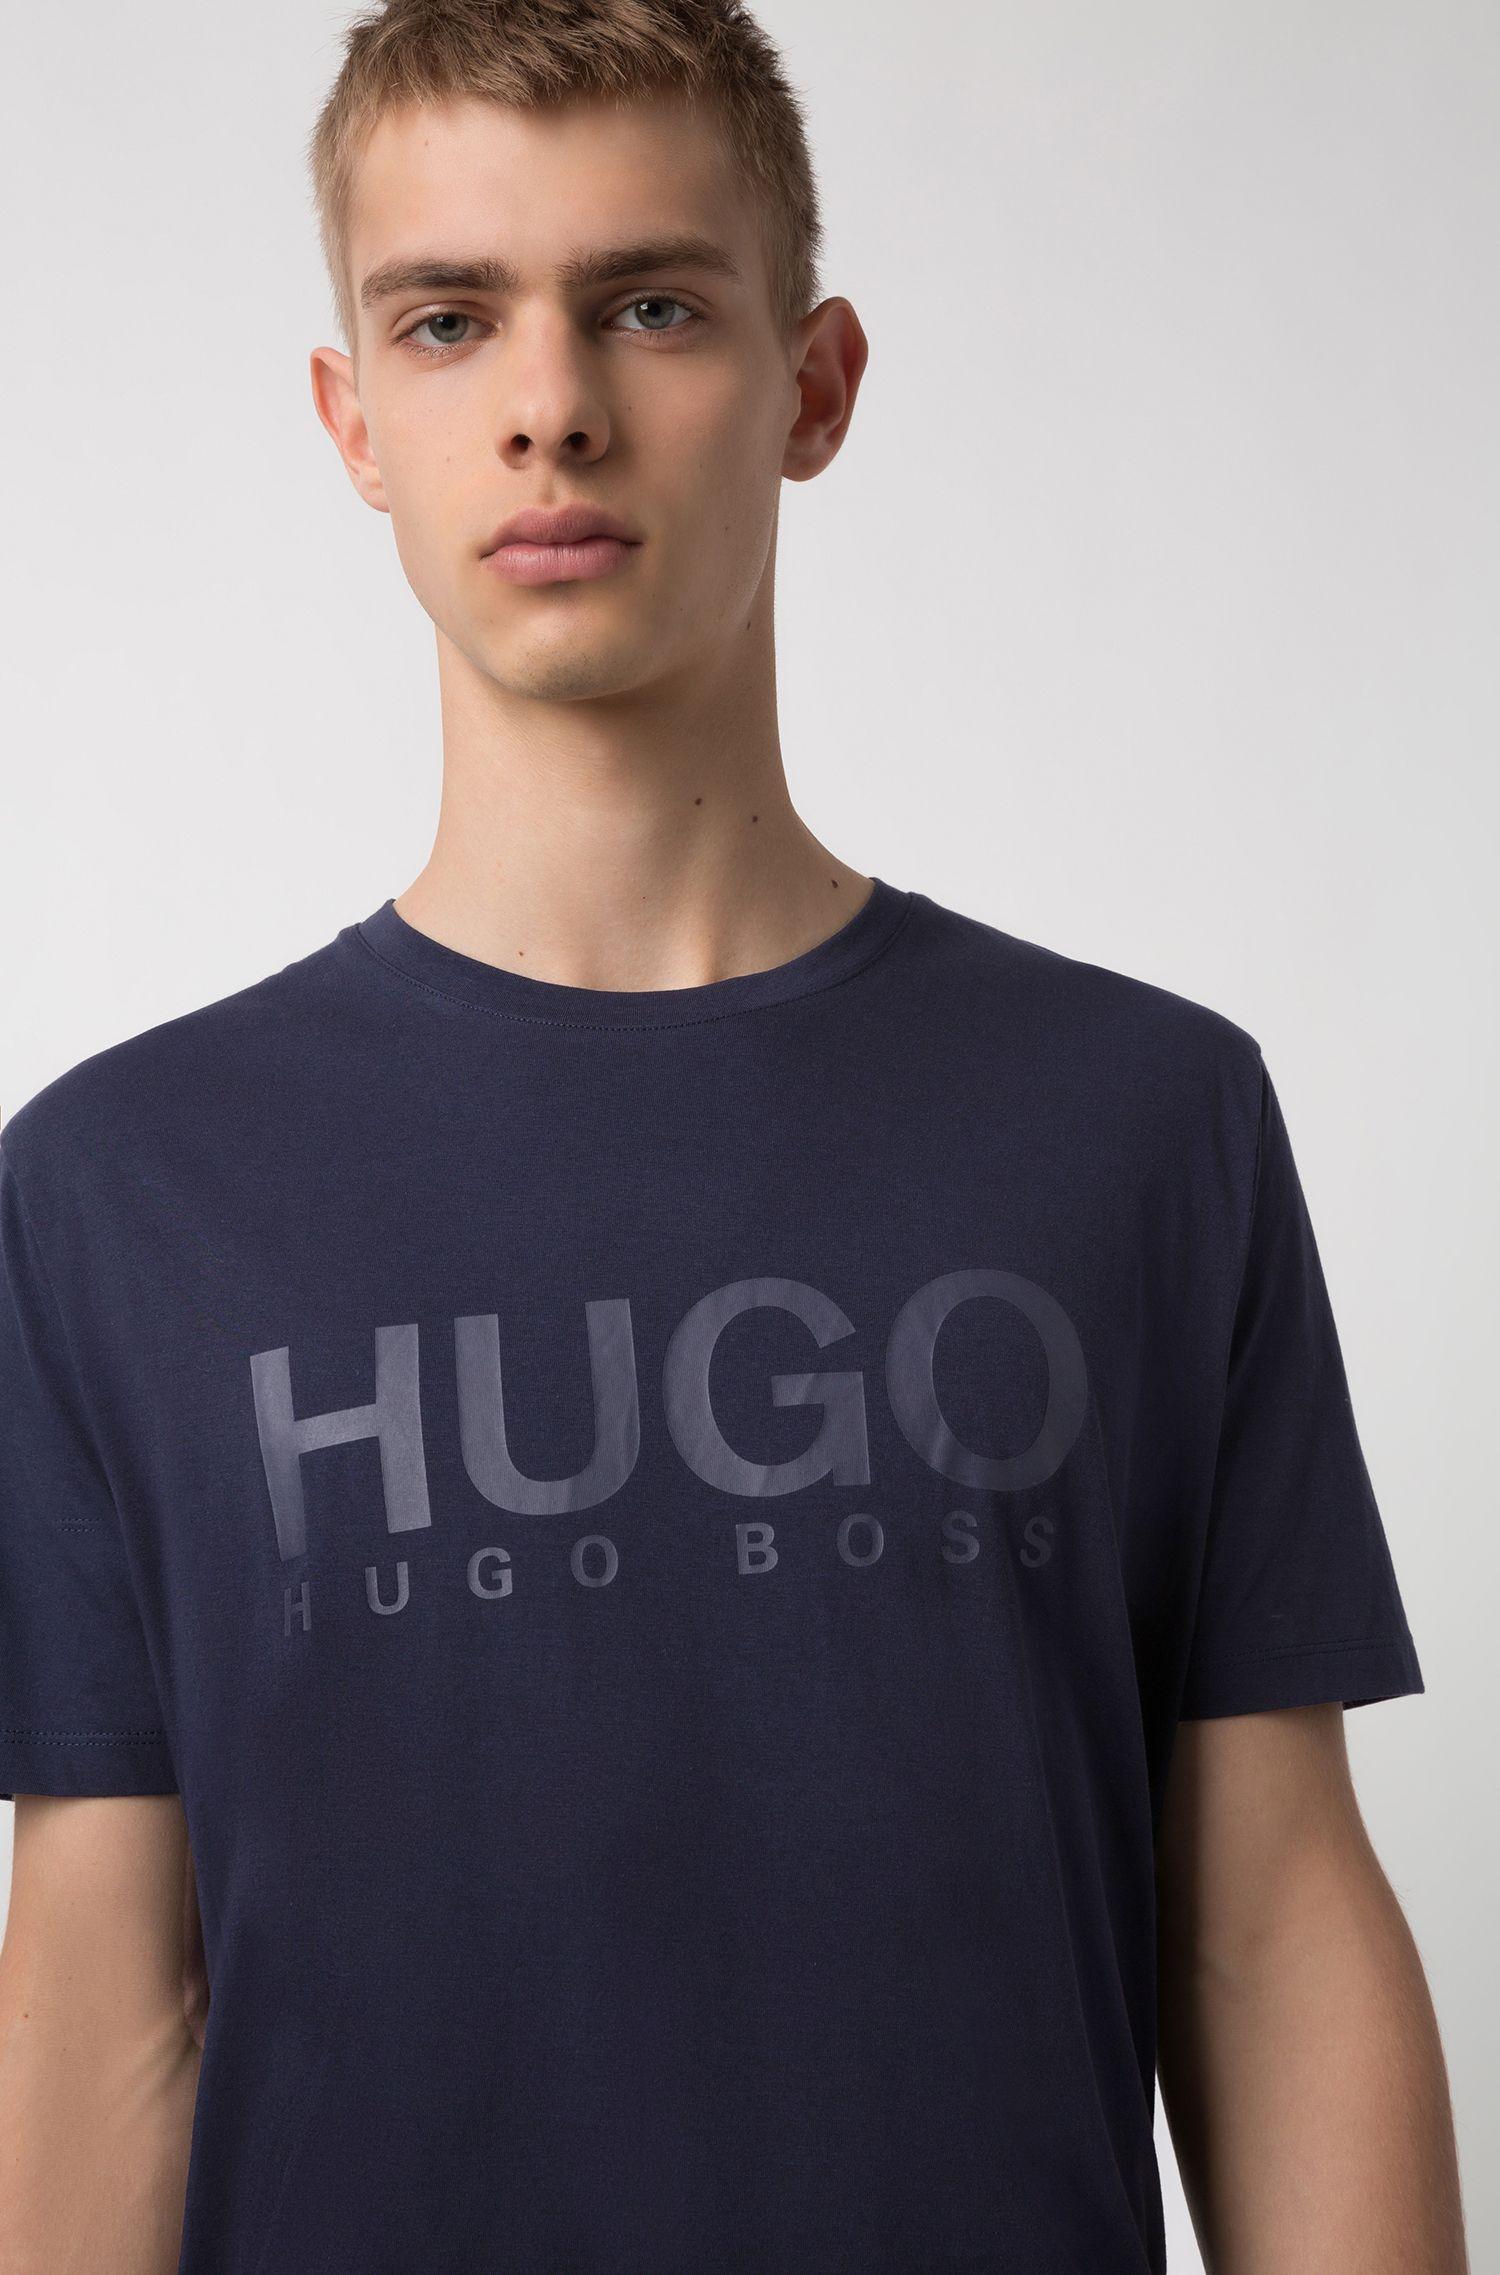 Camiseta con logo en algodón de punto sencillo, Azul oscuro